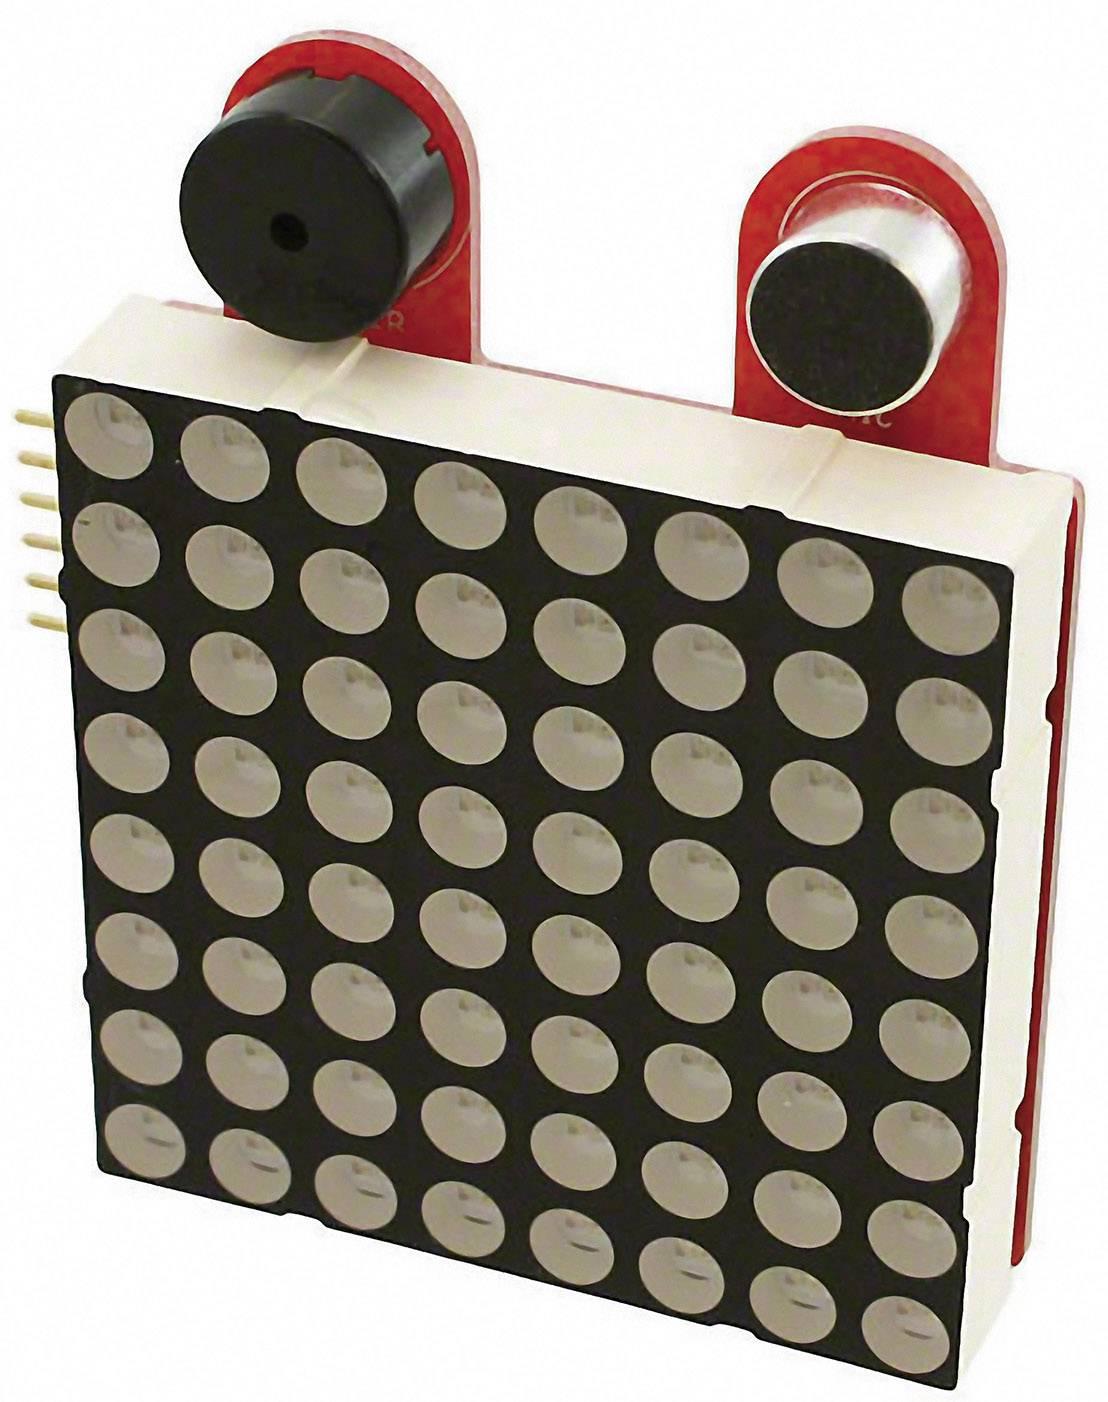 Rozširujúca doska Olimex MSP430-LED8x8BOOSTER